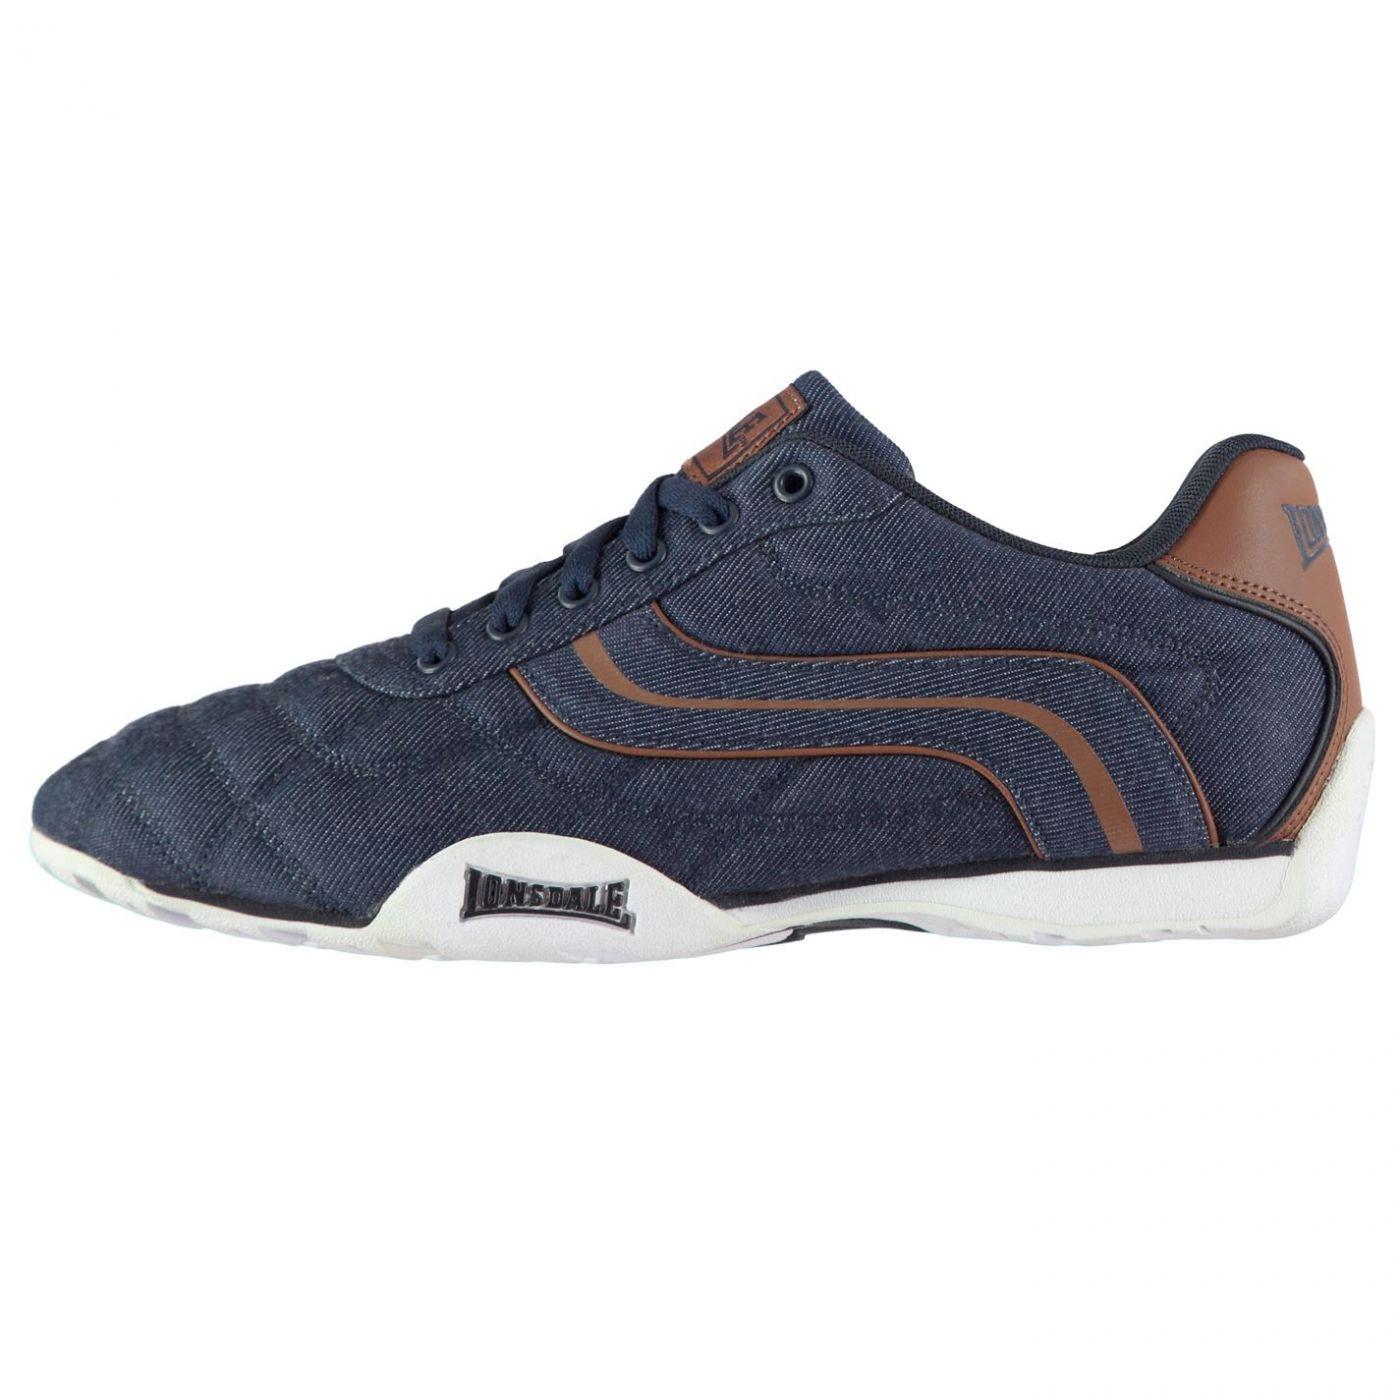 4998ce93c240 Lonsdale Camden Mens Shoes - FACTCOOL